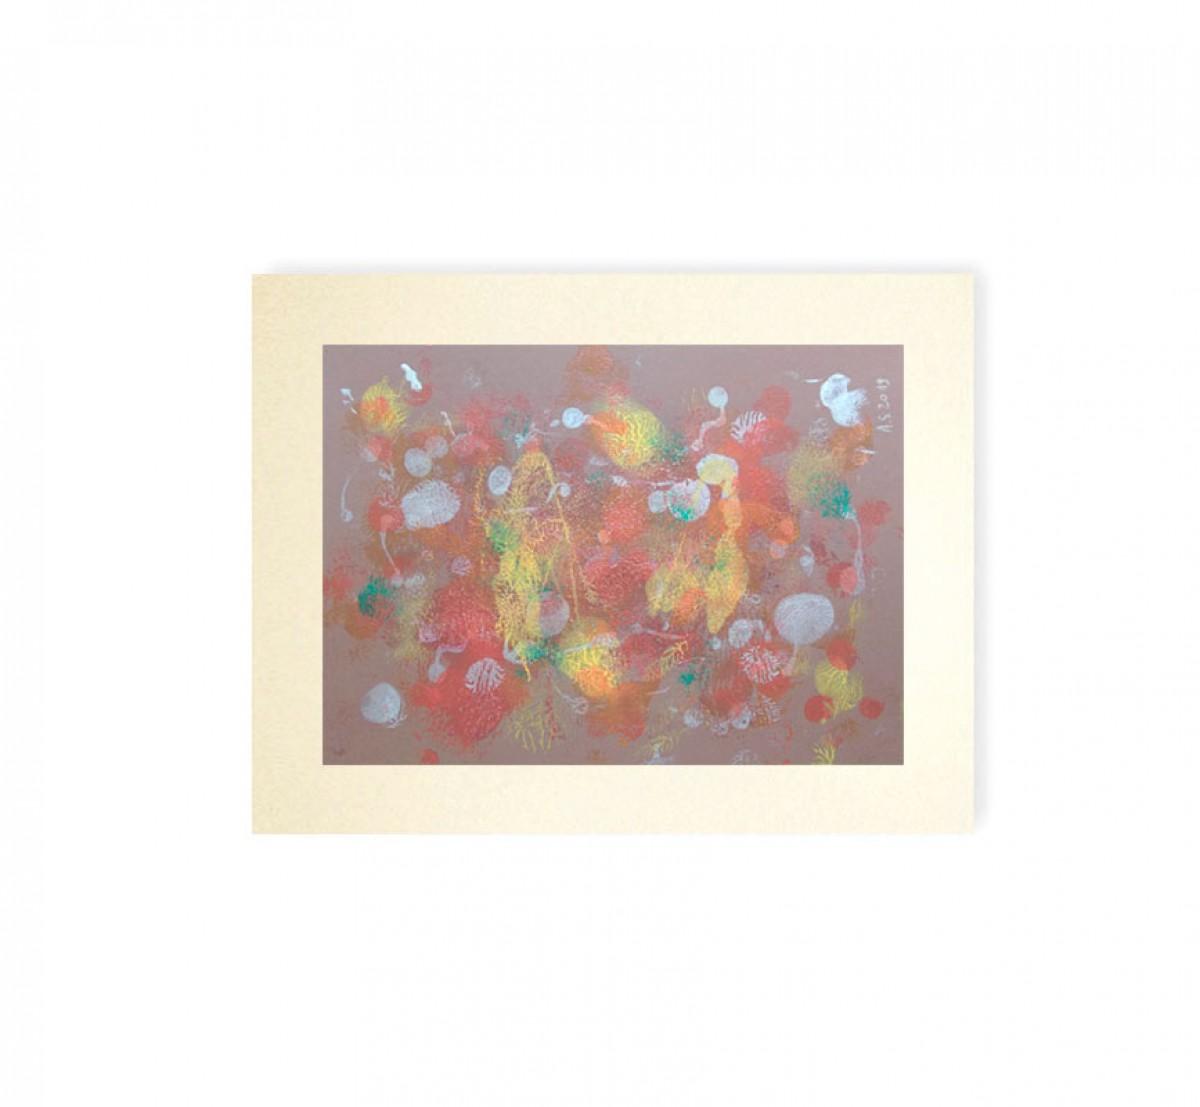 abstrakcja grafika, dekoracja na ścianę